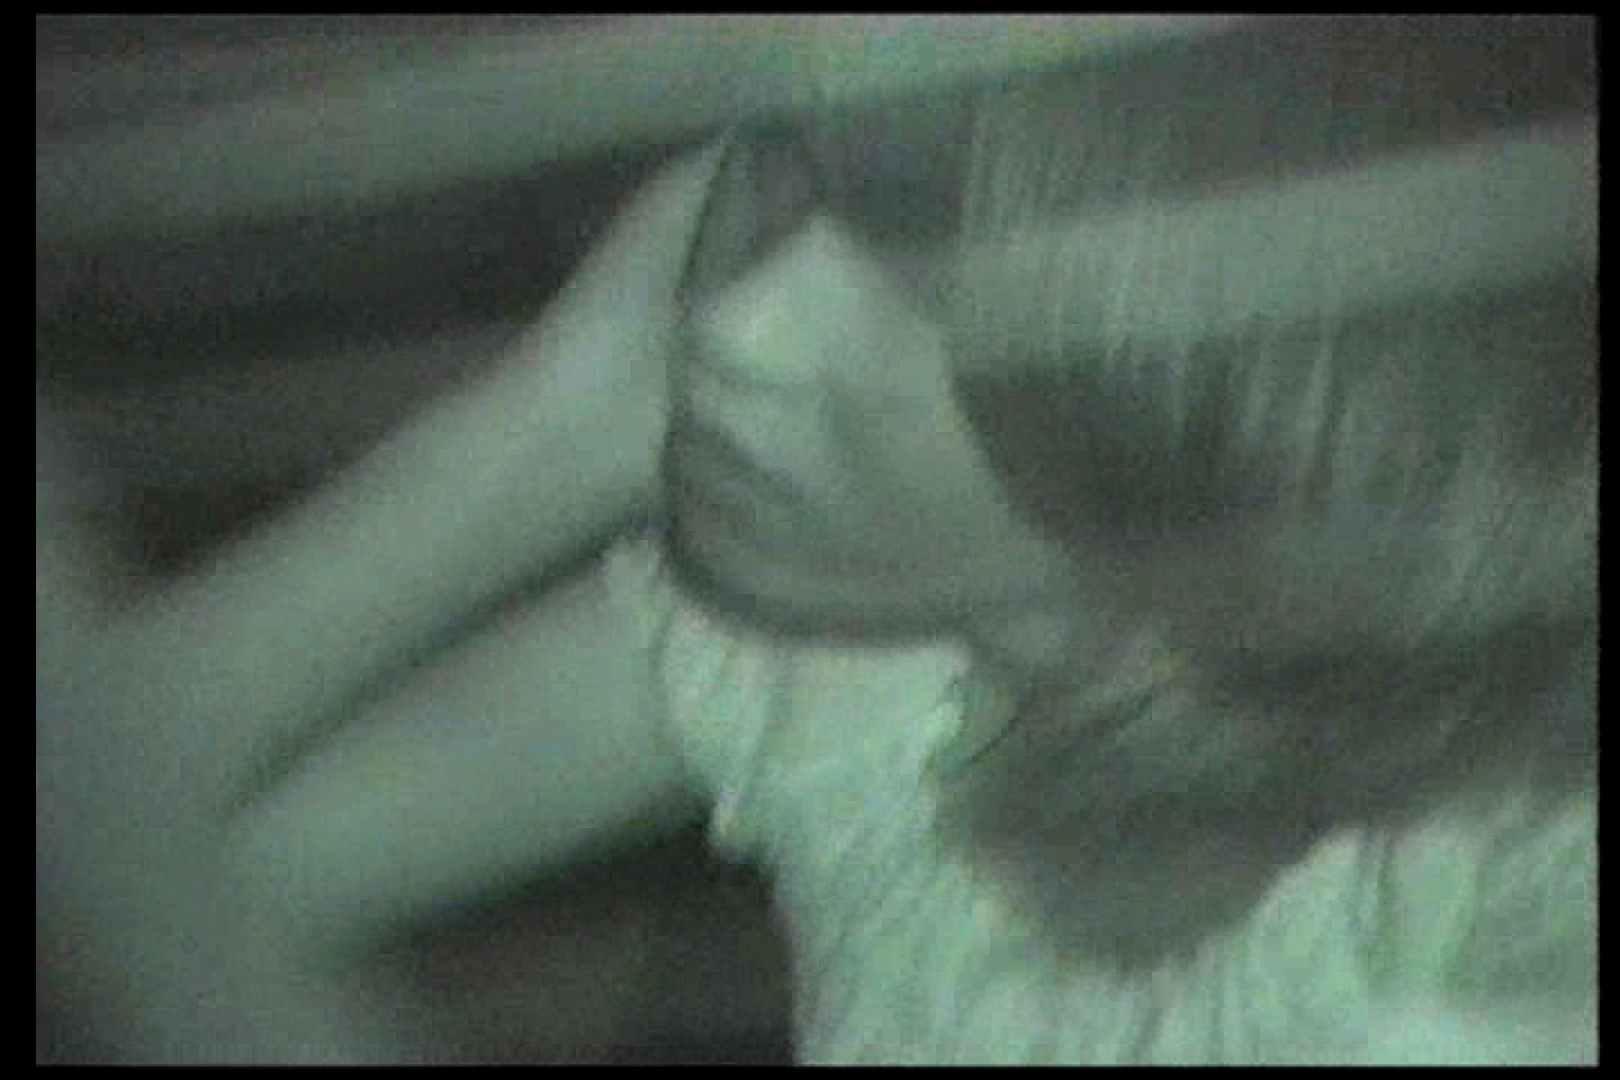 カーセックス未編集・無修正版 Vol.6後編 OLの実態 盗撮セックス無修正動画無料 101pic 44